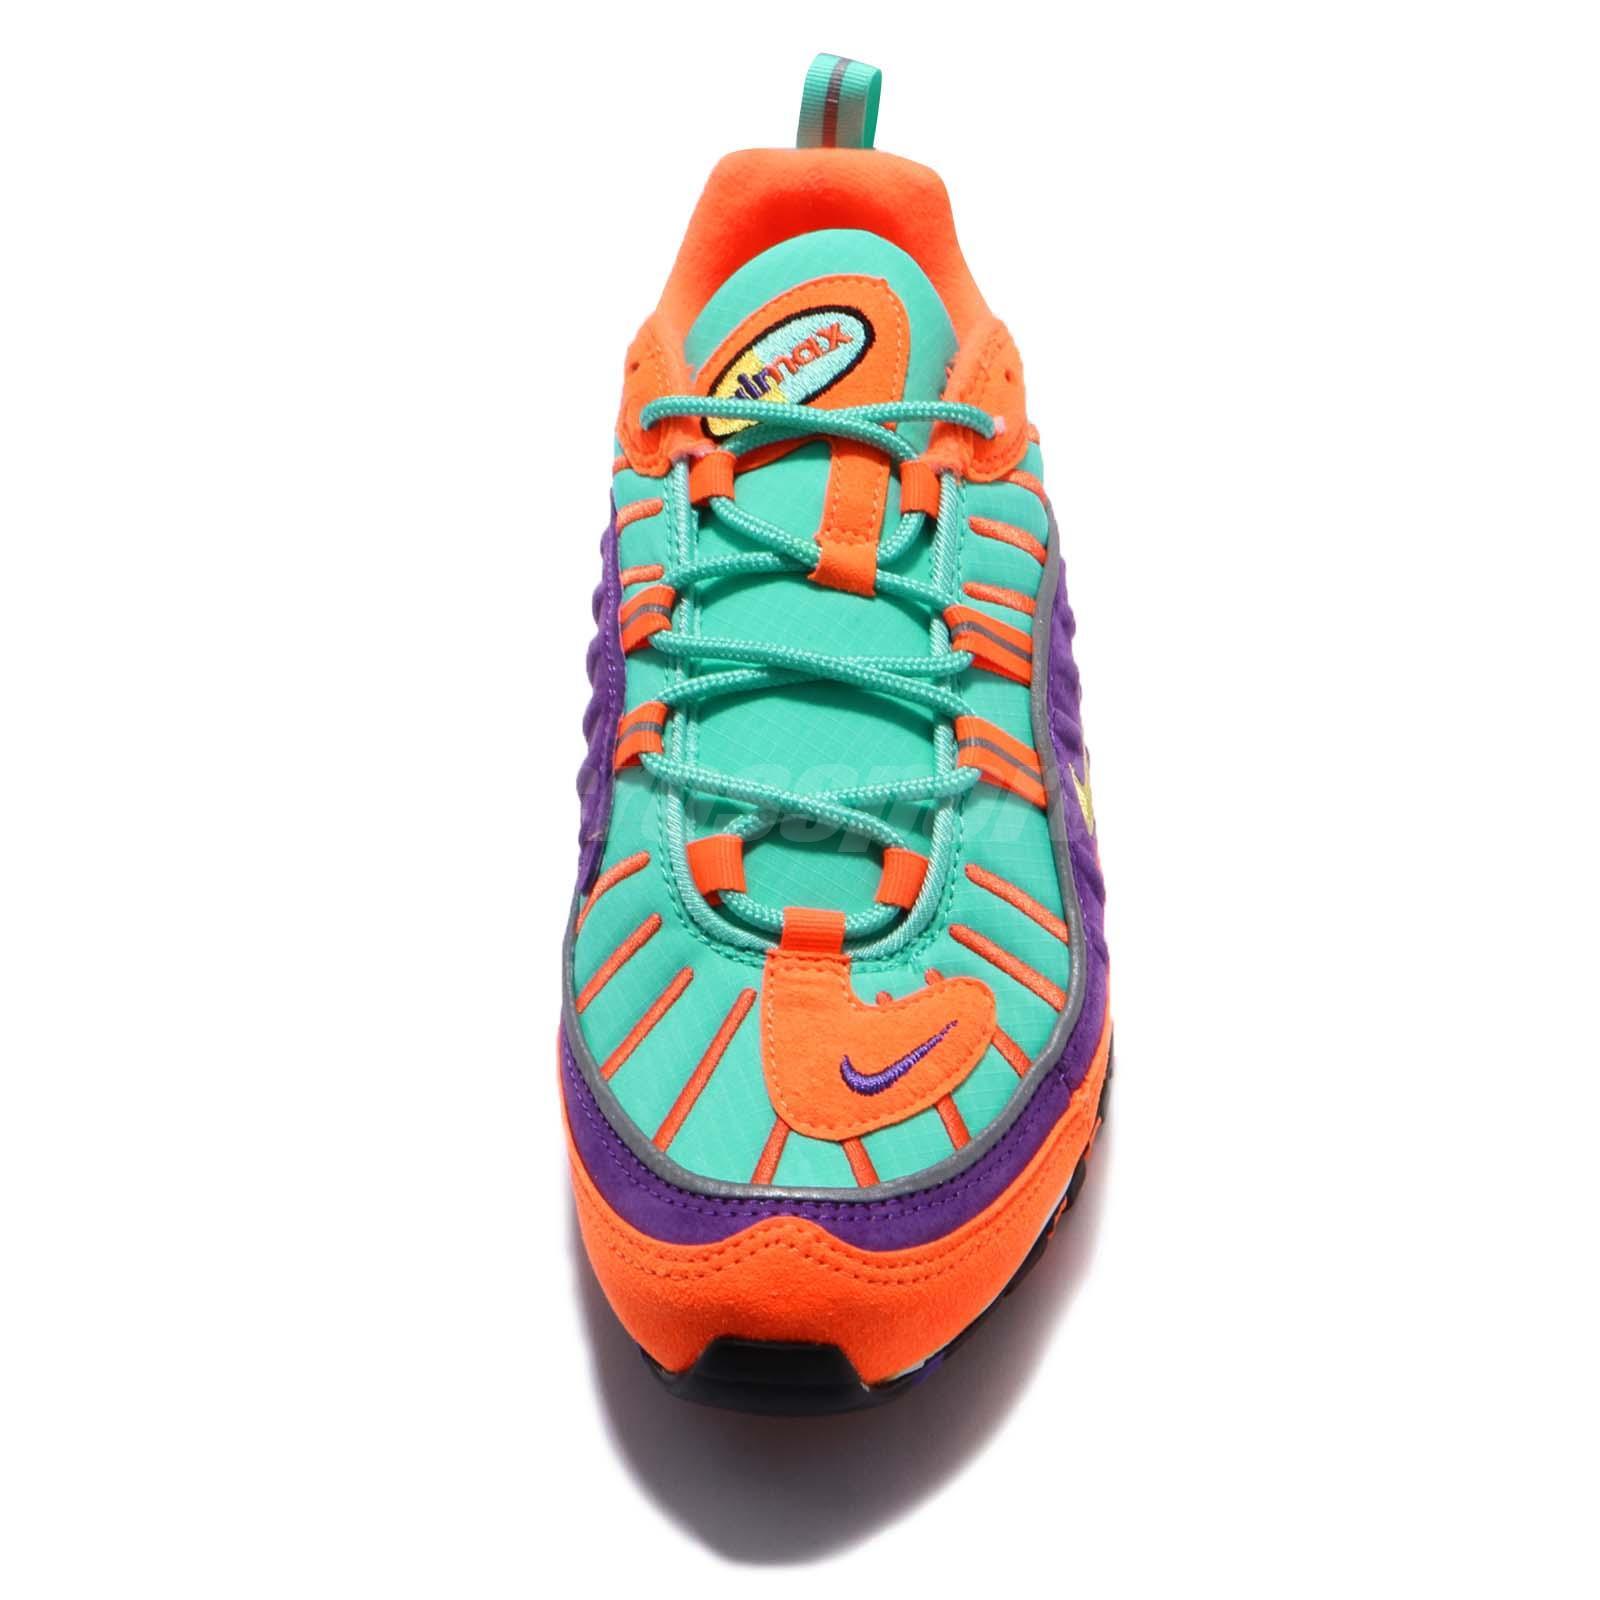 best website 24d39 116b9 Nike Air Max 98 QS Cone Vibrant Air Tour Yellow Grape Men Limited ...